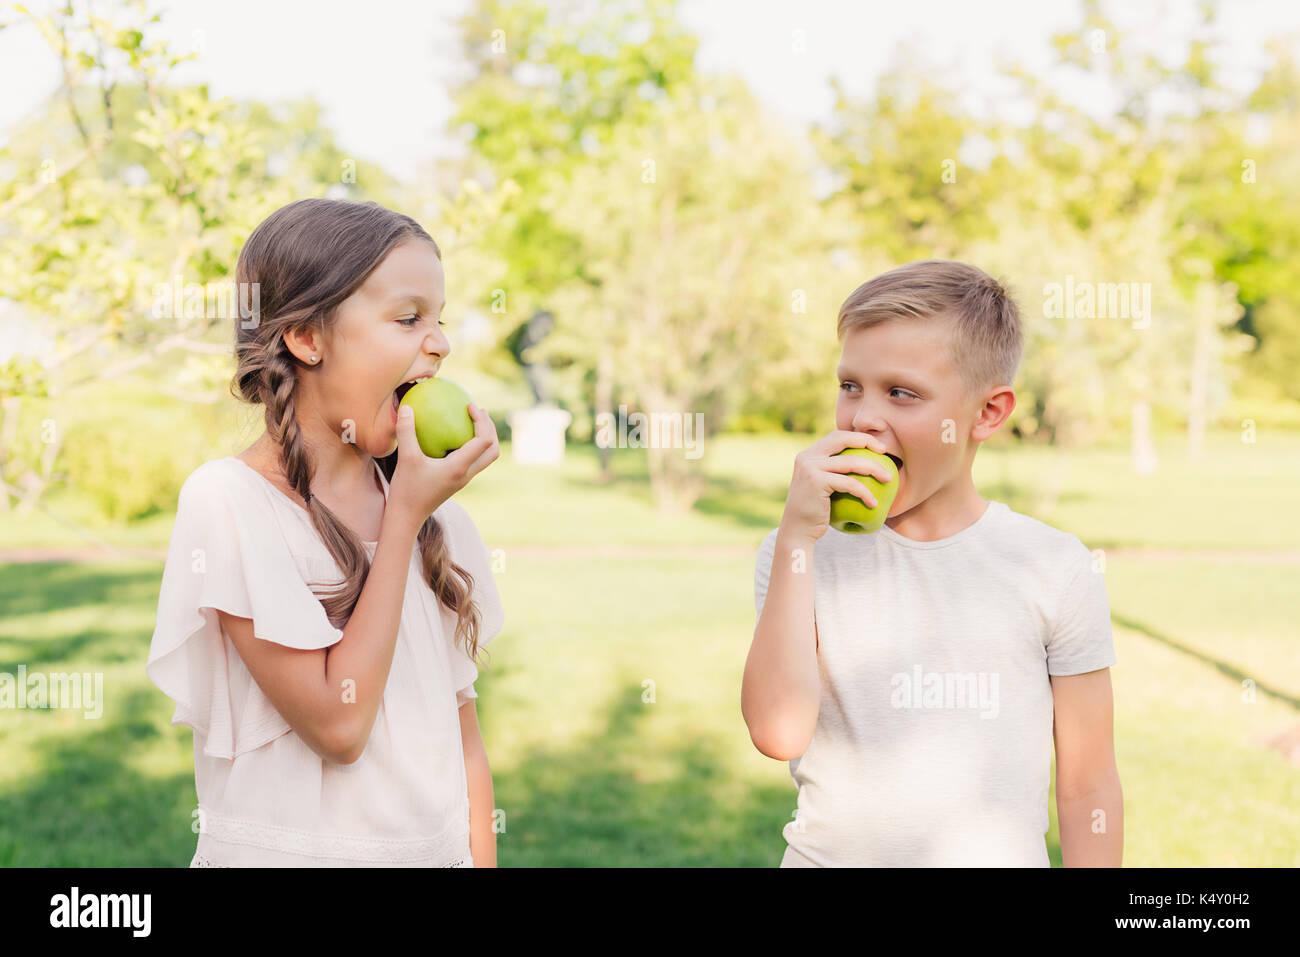 children eating apples - Stock Image